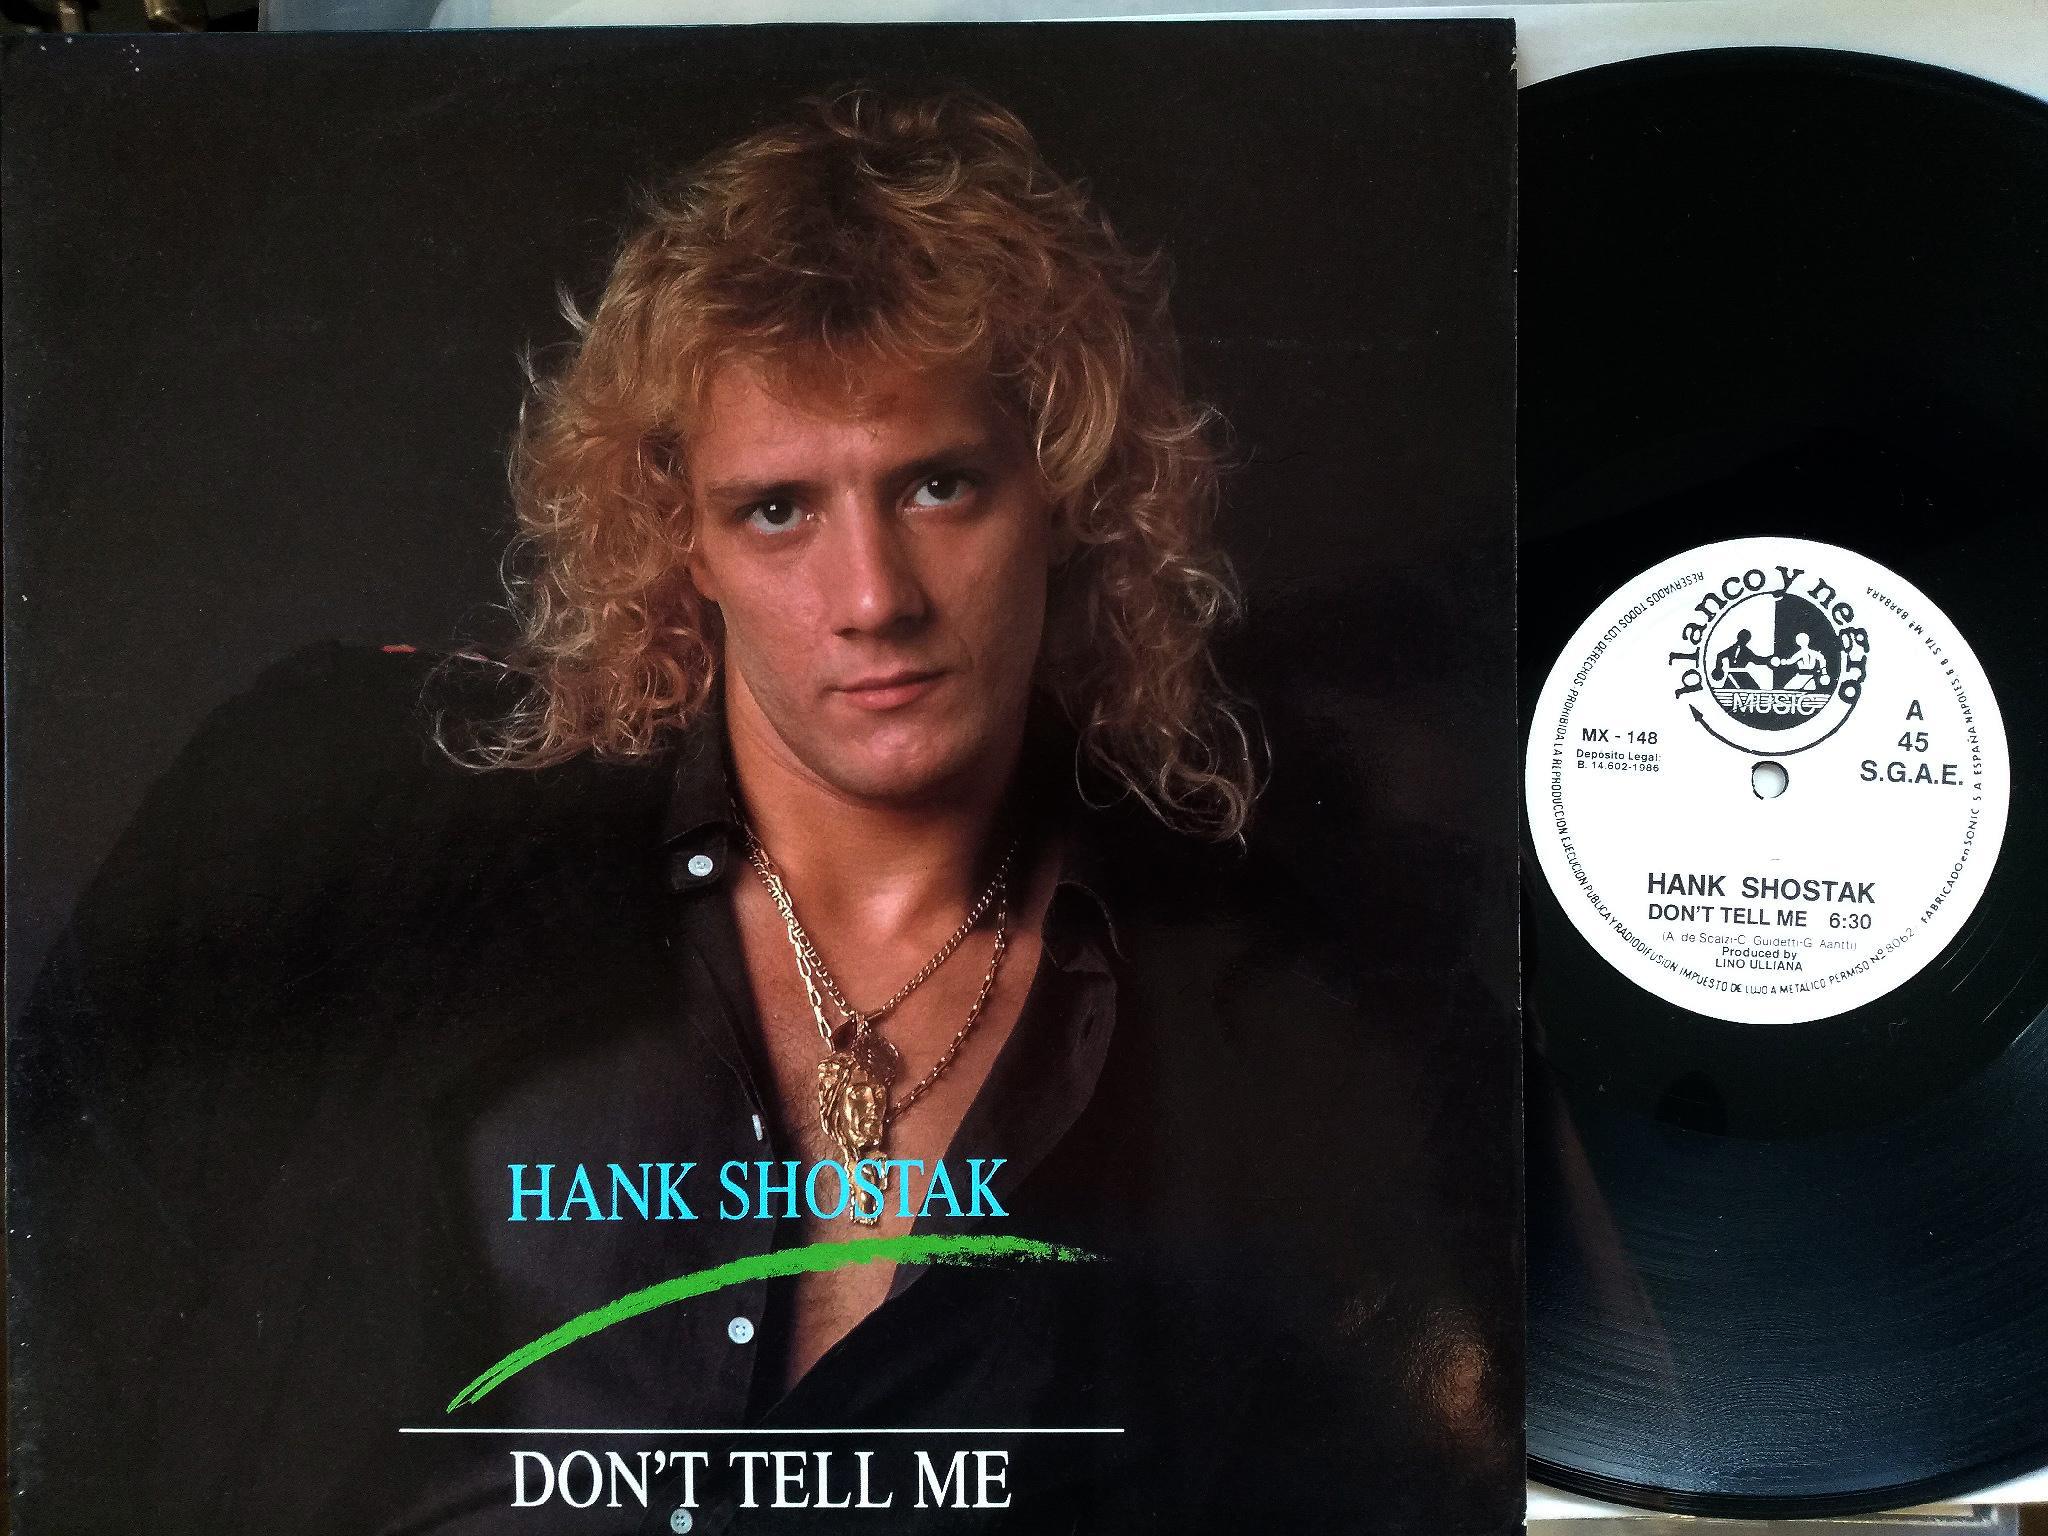 Hank Shostak - Don't Tell Me